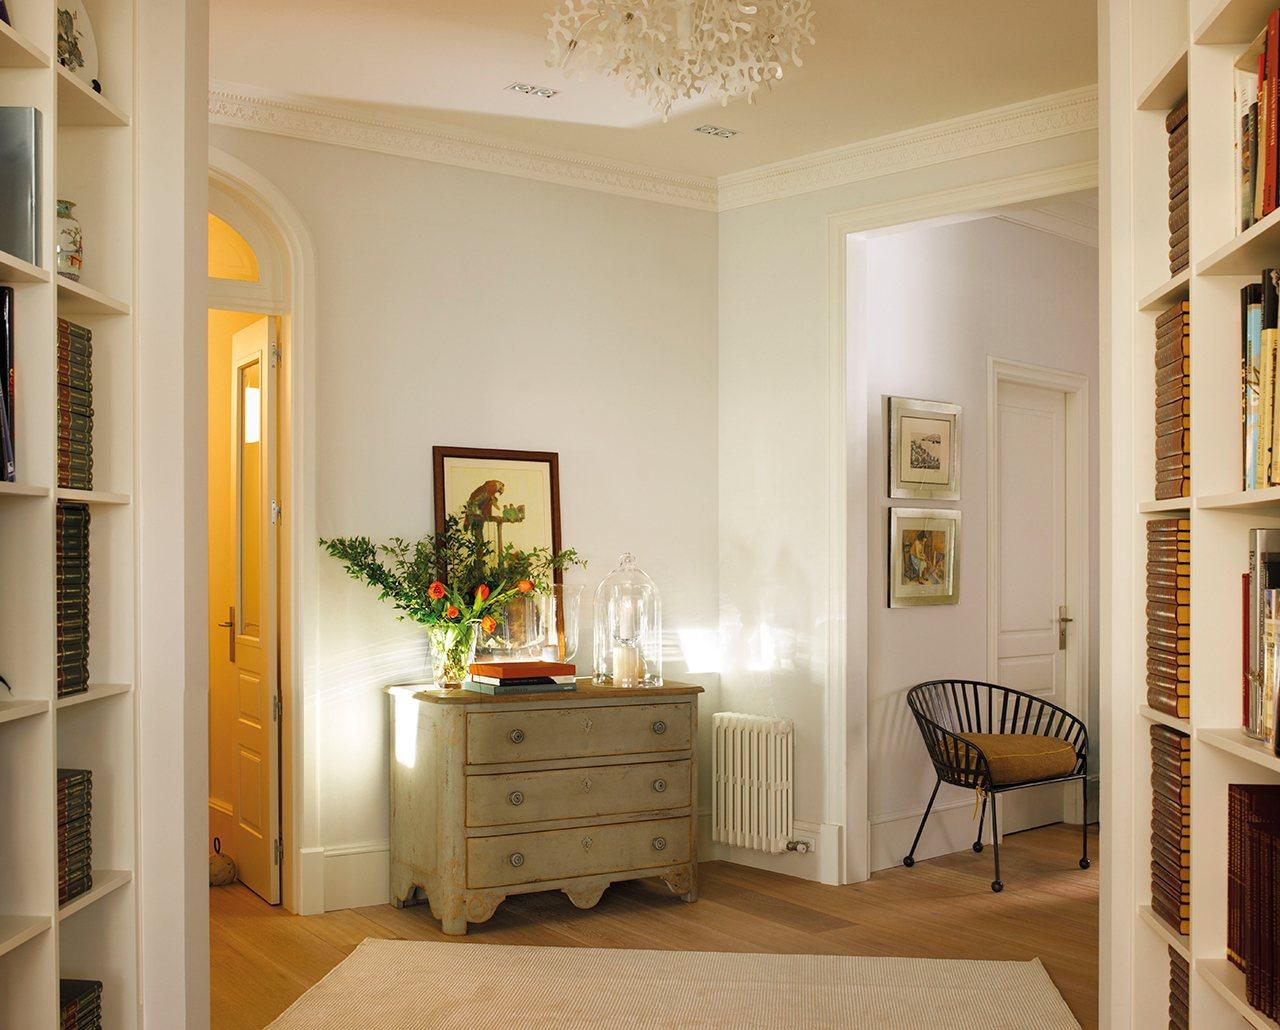 Un piso al m s puro estilo 39 el mueble 39 - Decoracion puertas blancas ...